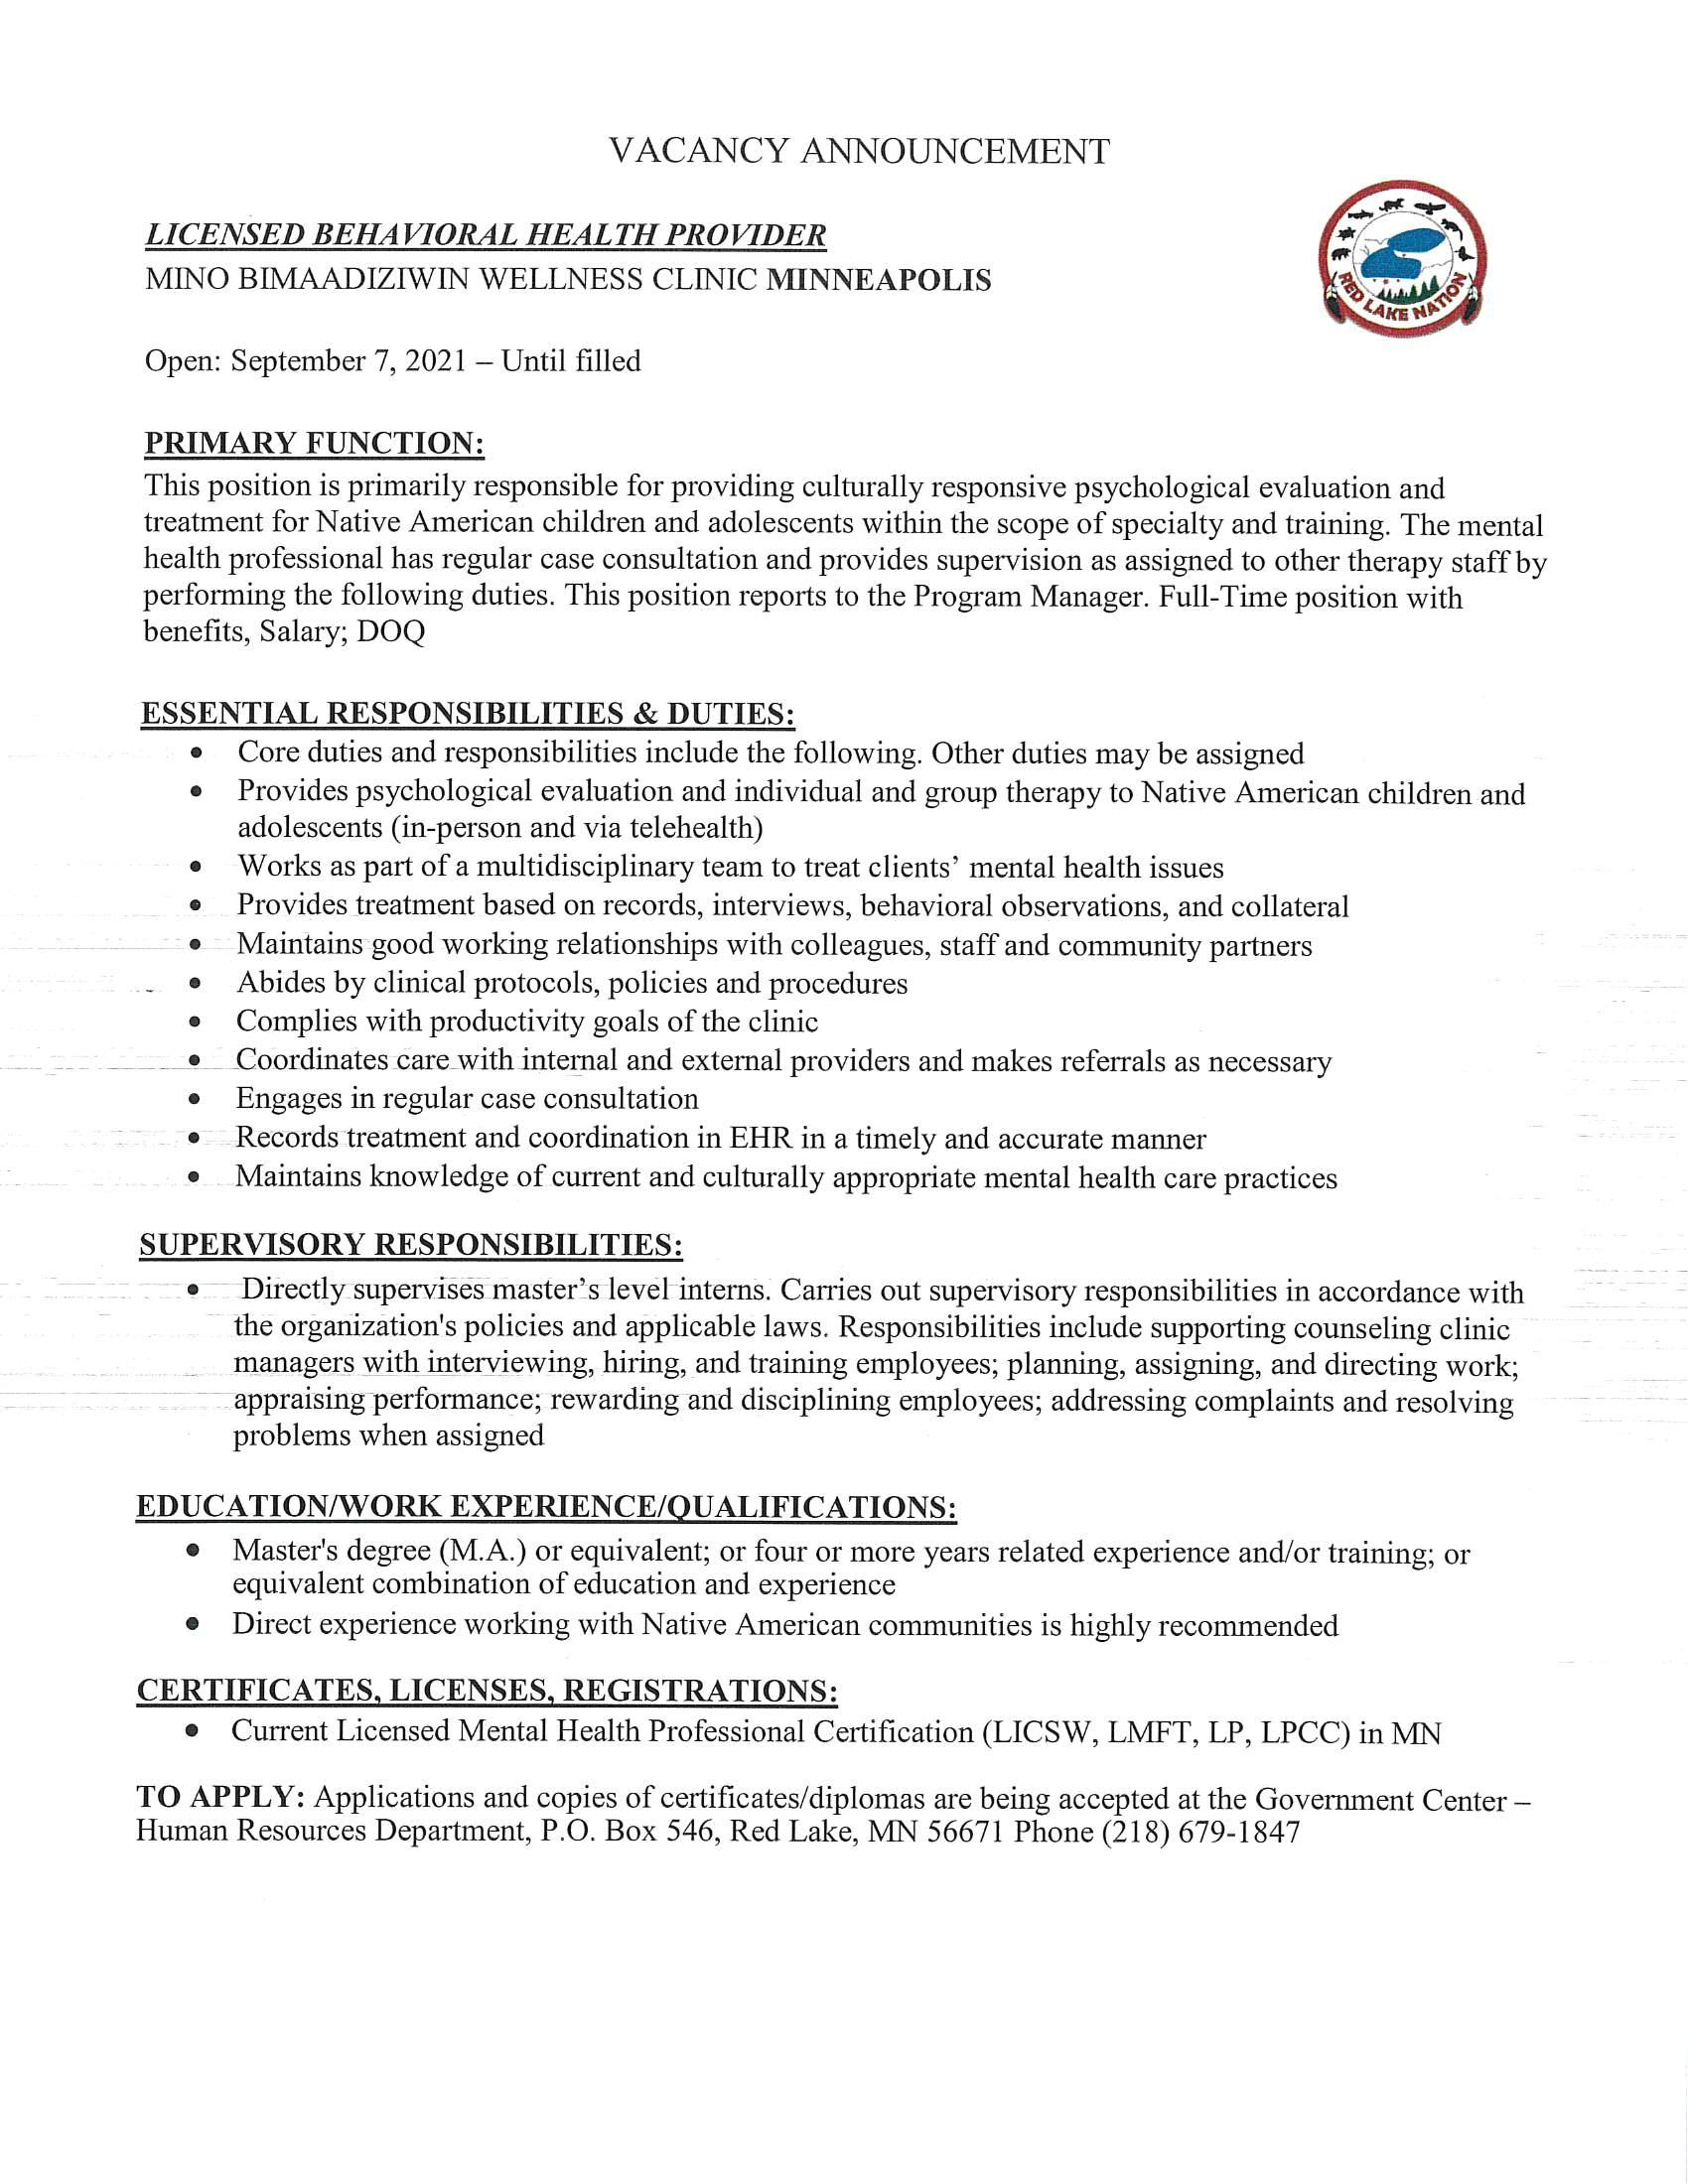 Mino Licensed behavioral health